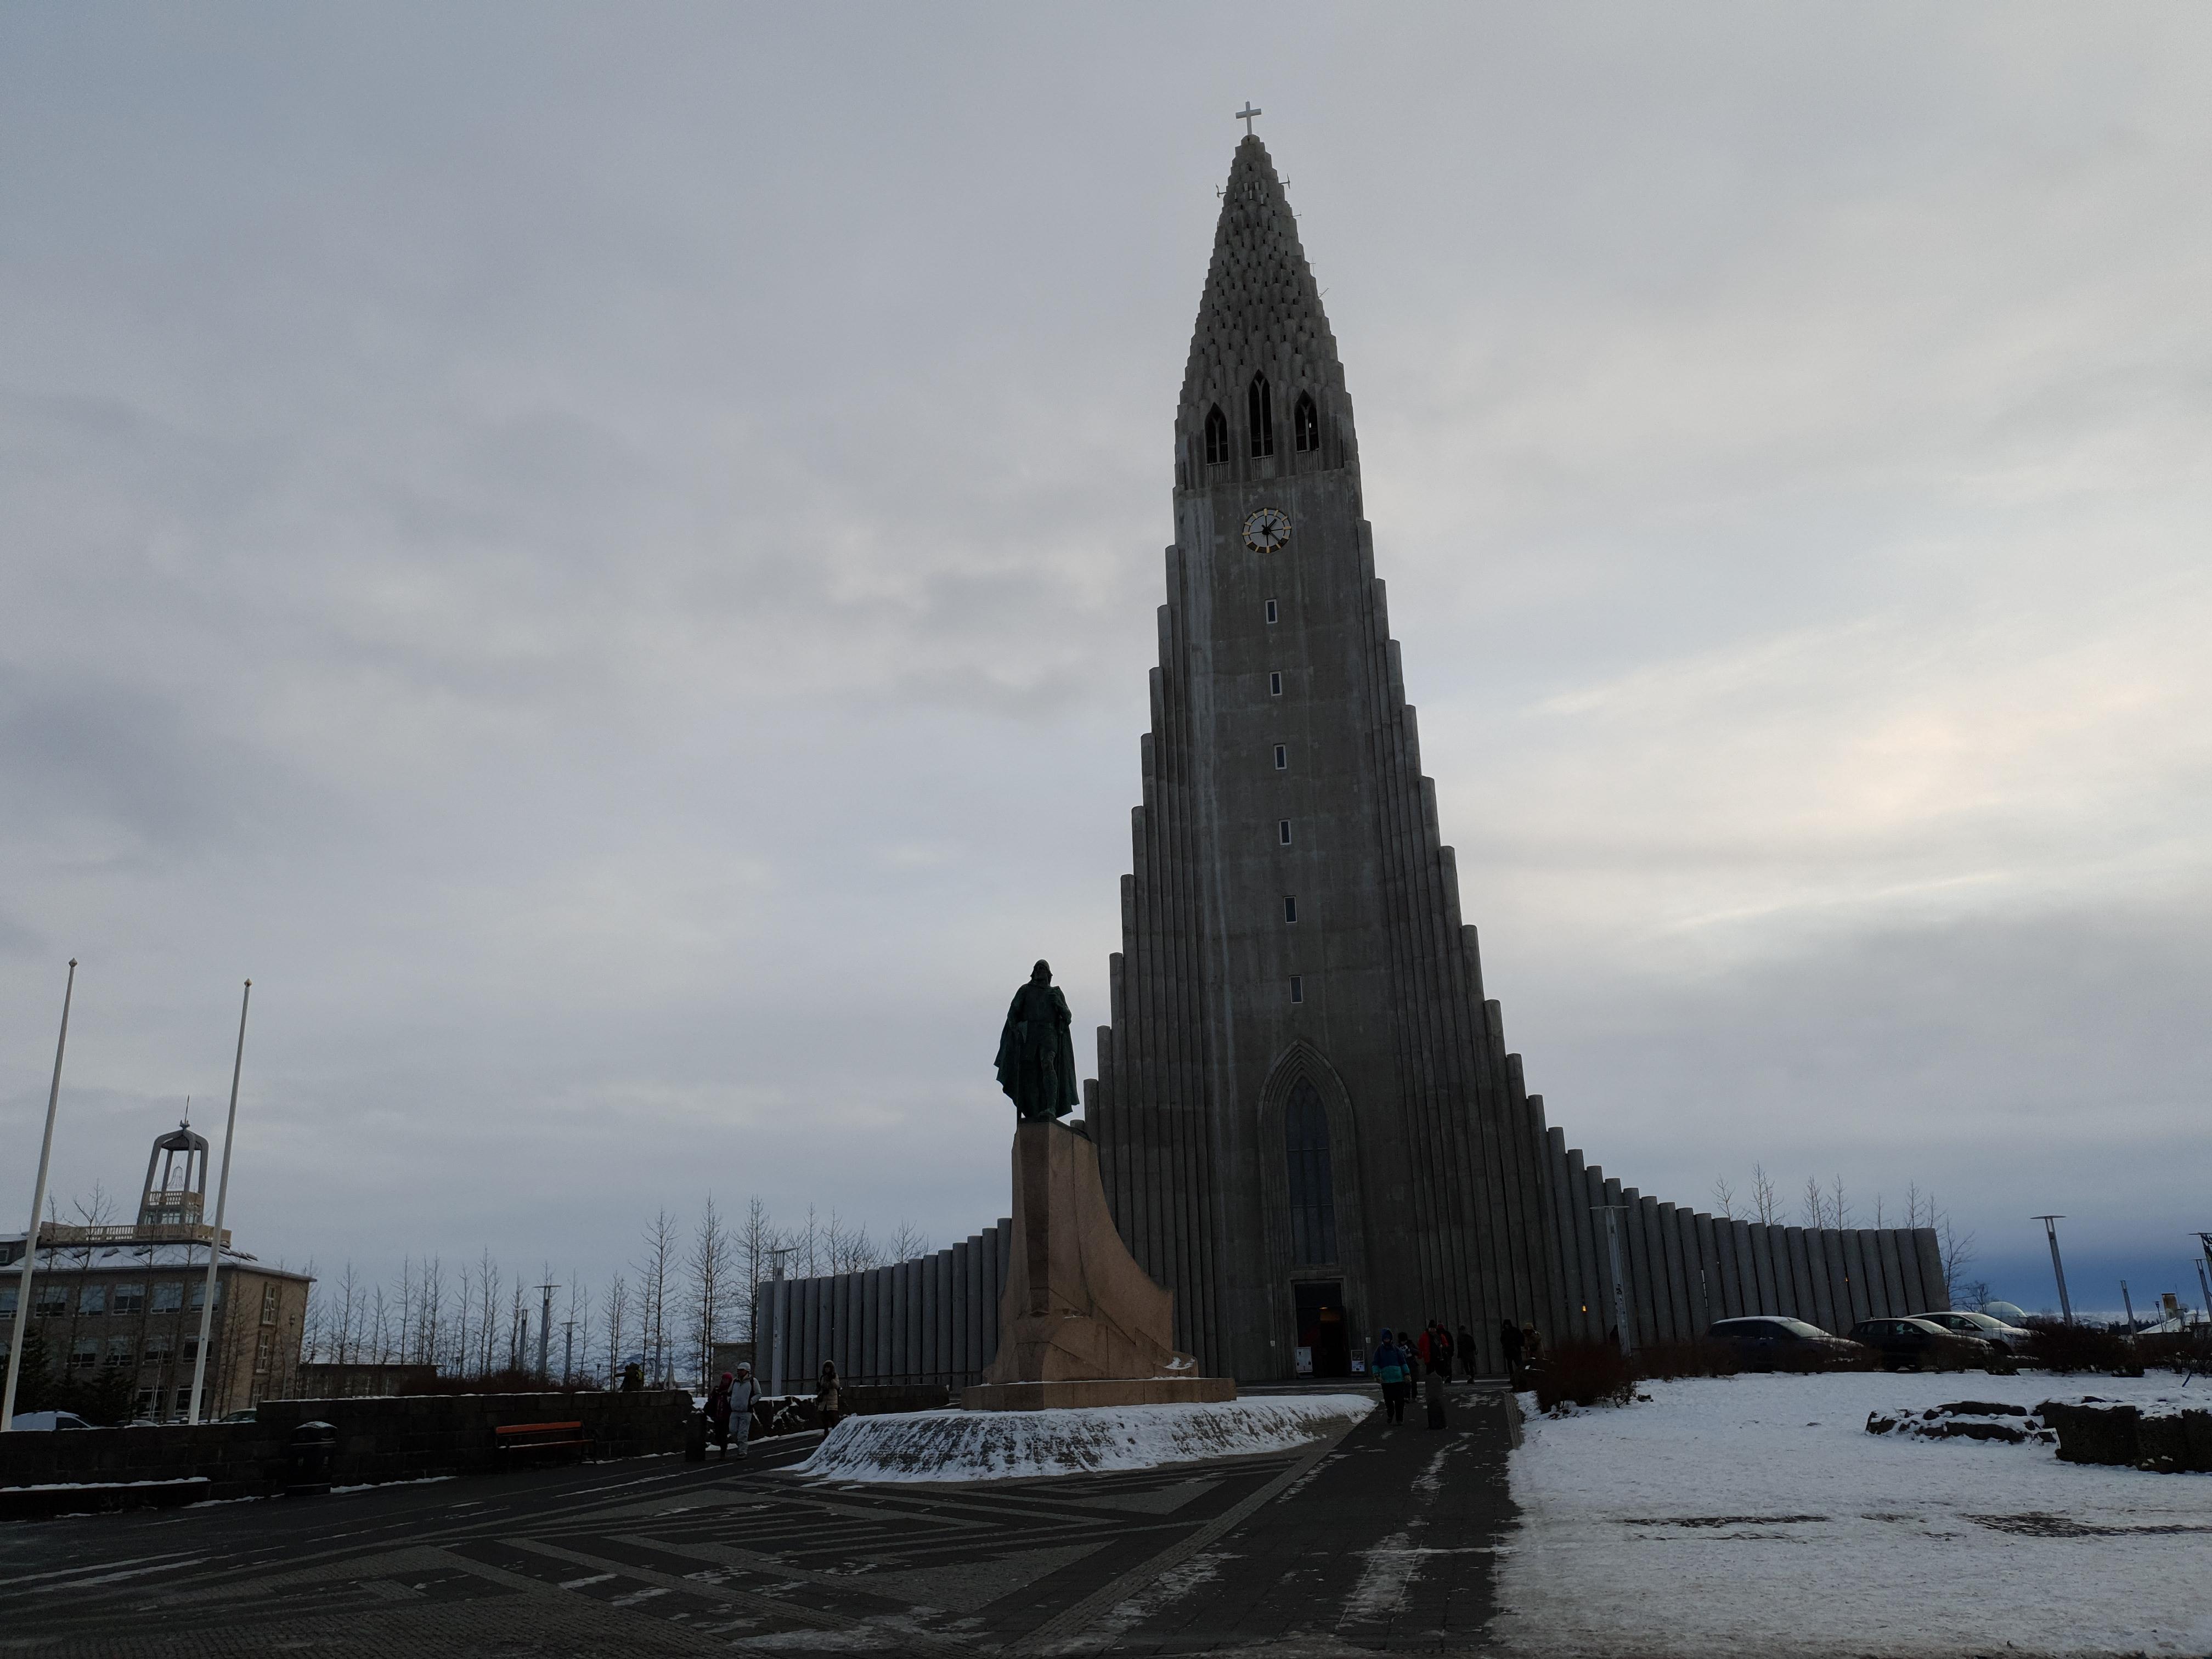 Iceland - Reykjavik (2)